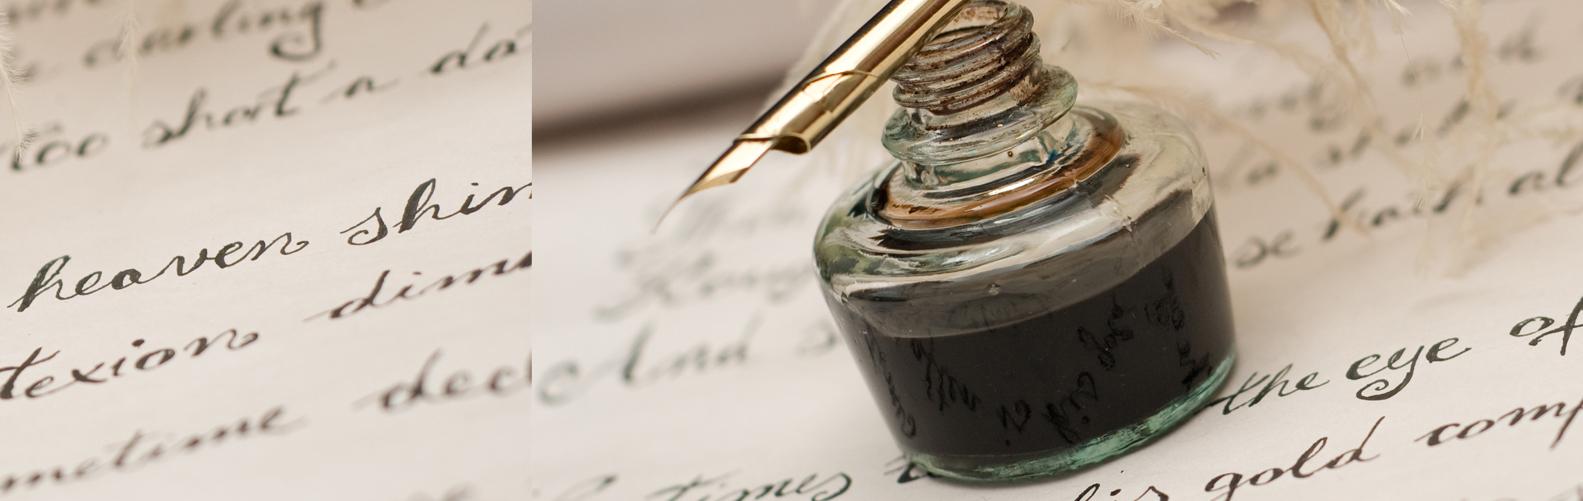 Poeti e drammaturghi, con loro verso il nuovo mondo